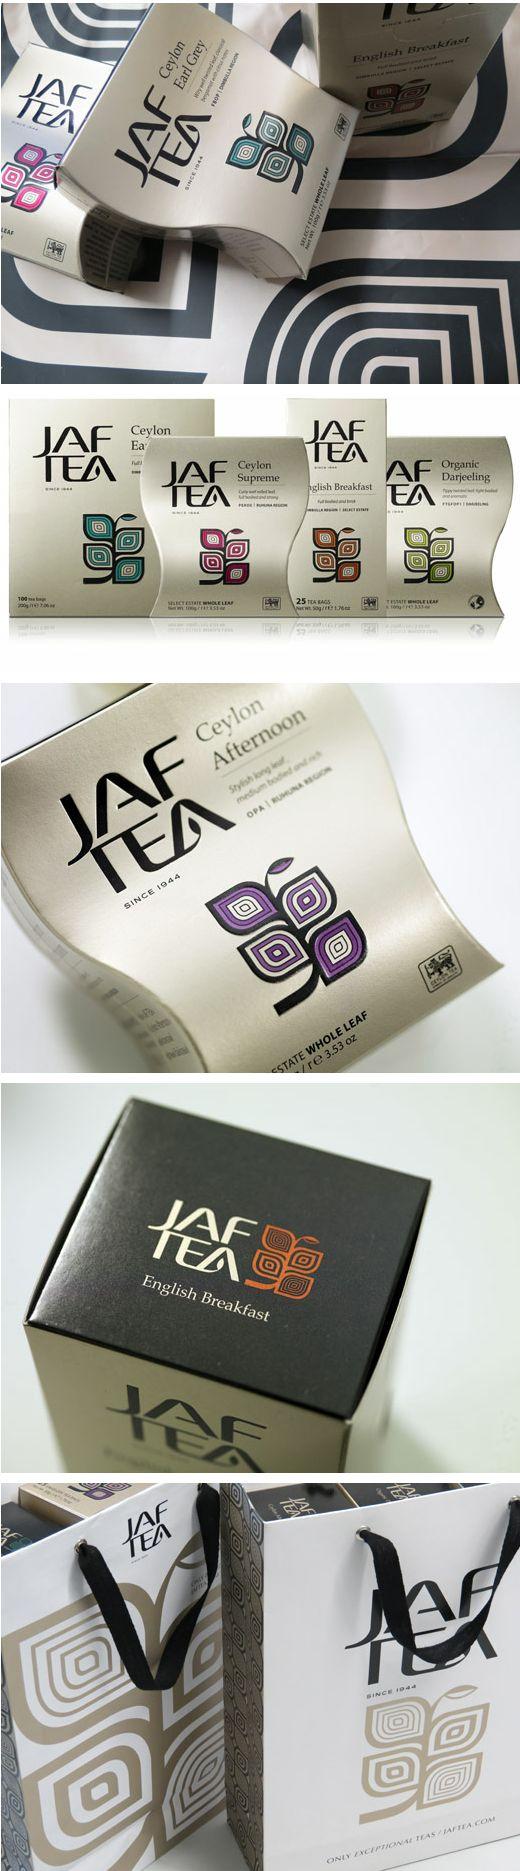 Jaf Tea by Studio h